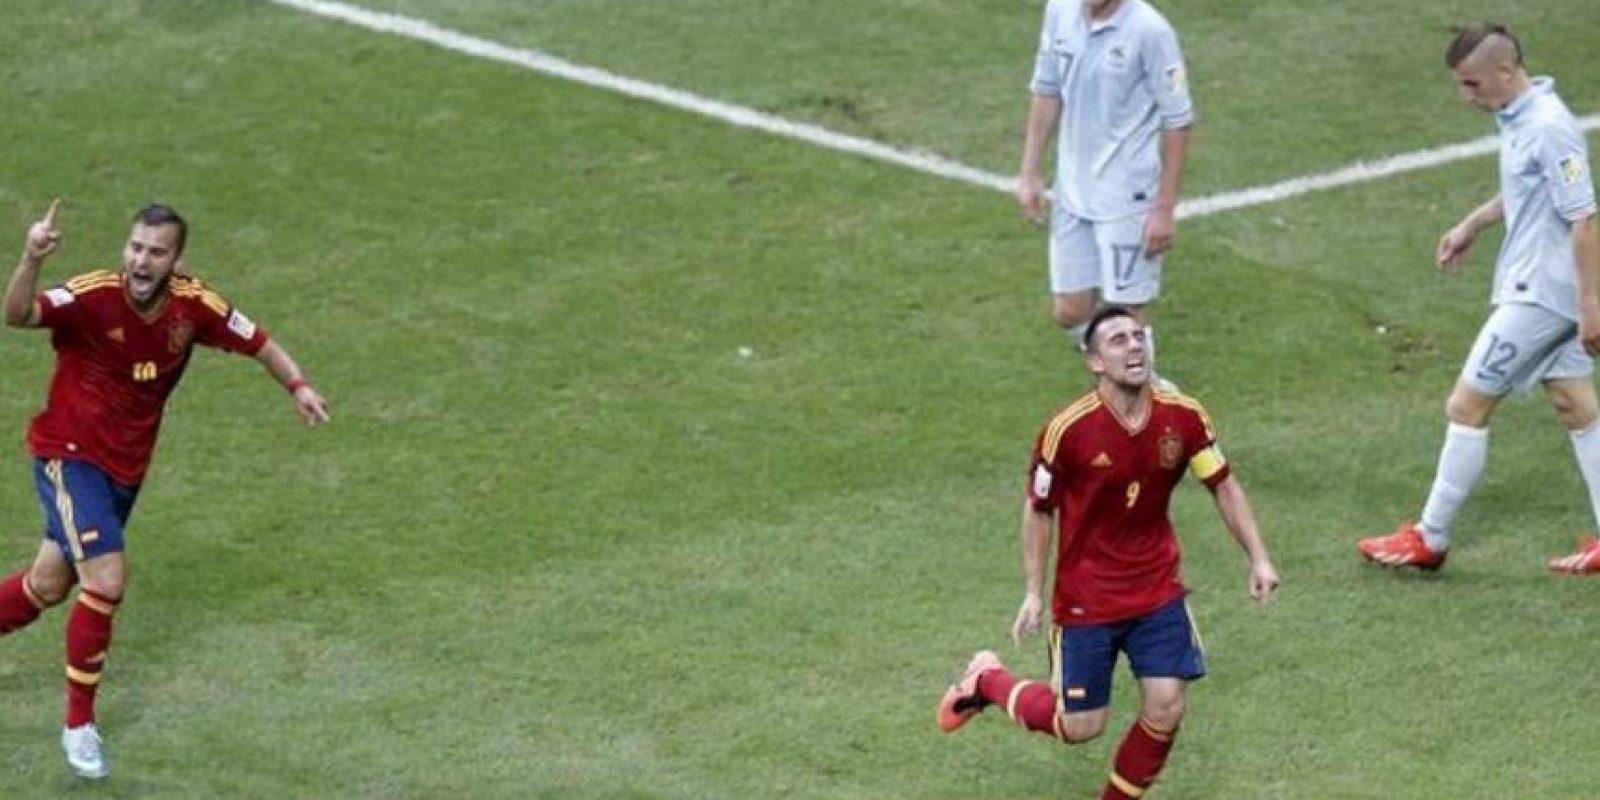 El jugador de la selección española Sub-20 Paco Alcacer (d) celebra un gol con su compañero Jese (i) de Francia durante su correspondiente partido de la fase clasificatoria para el Mundial Sub-20 de Turquía 2013, disputado en el estadio Ali Sami Yen de Estambul (Turquía). EFE